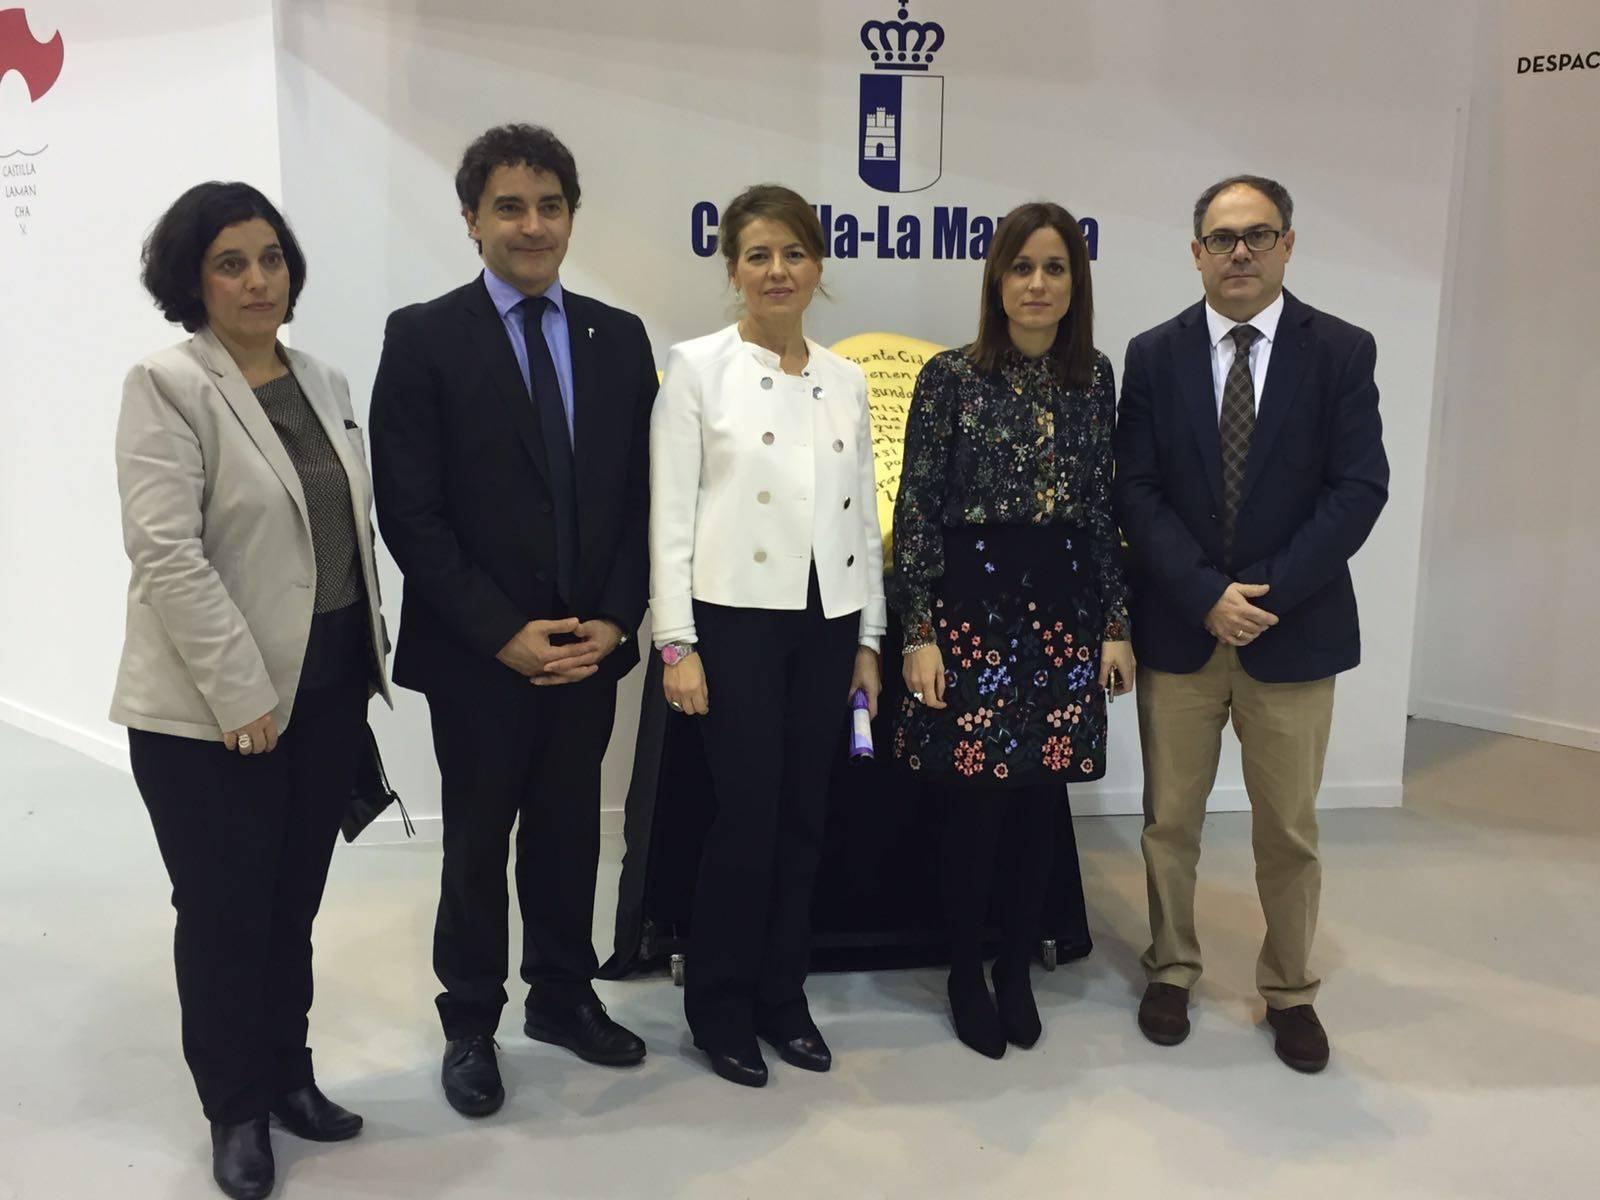 acuerdo castilla lamancha y valencia para turismo - Castilla-La Mancha y Valencia acuerdan impulsar el turismo social para personas mayores entre ambas comunidades